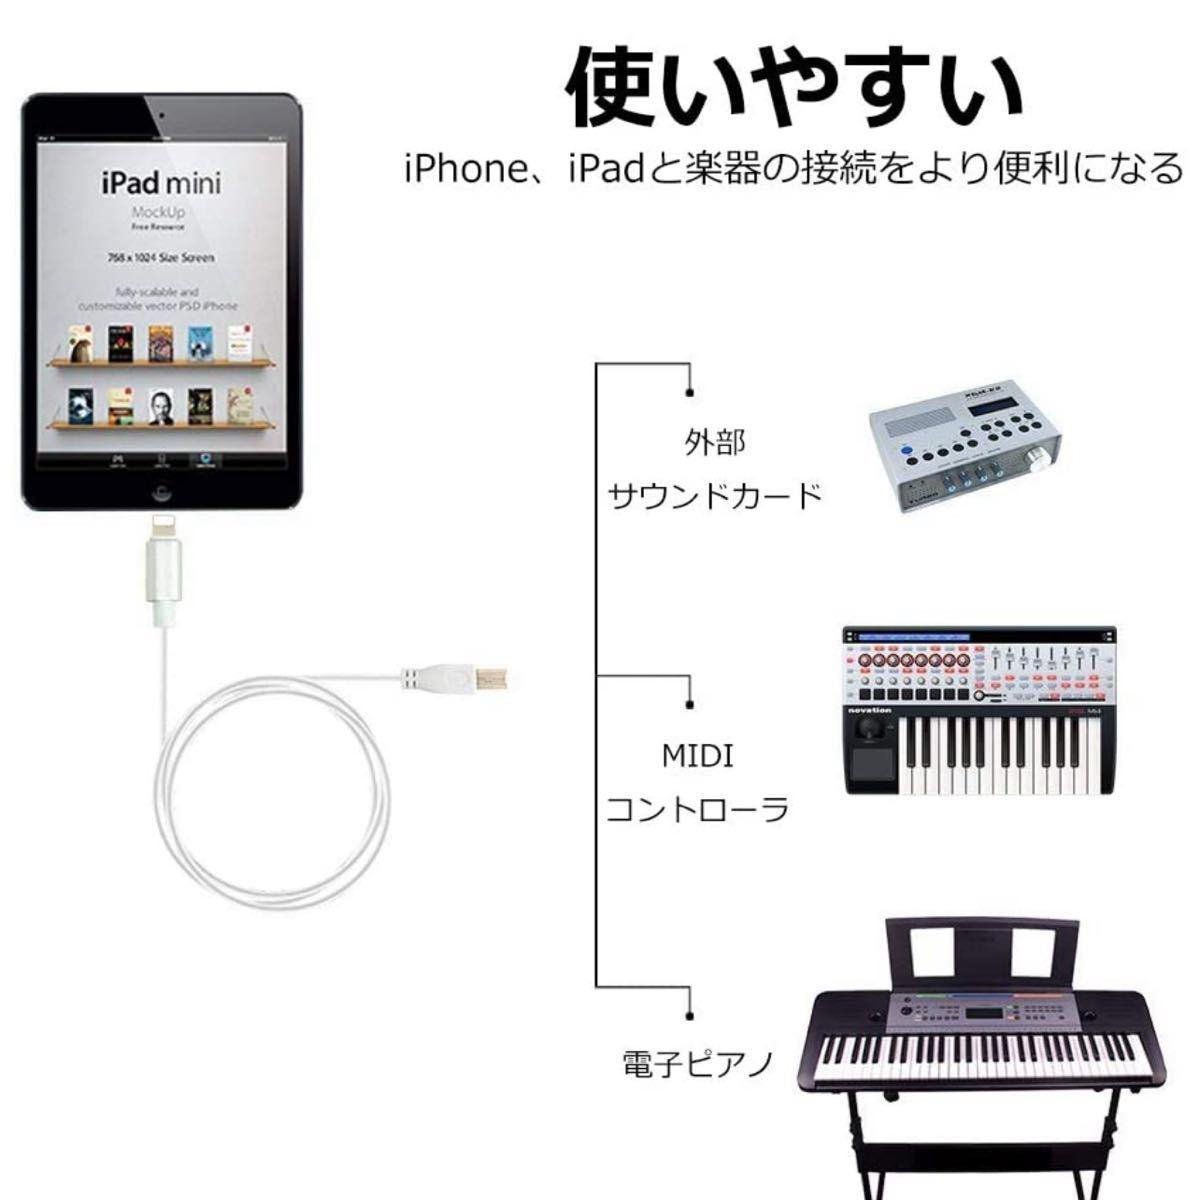 iPhone iPad MIDI ケーブル ライトニング USB b 変換 ケーブル USB 2.0 MIDI キーボード